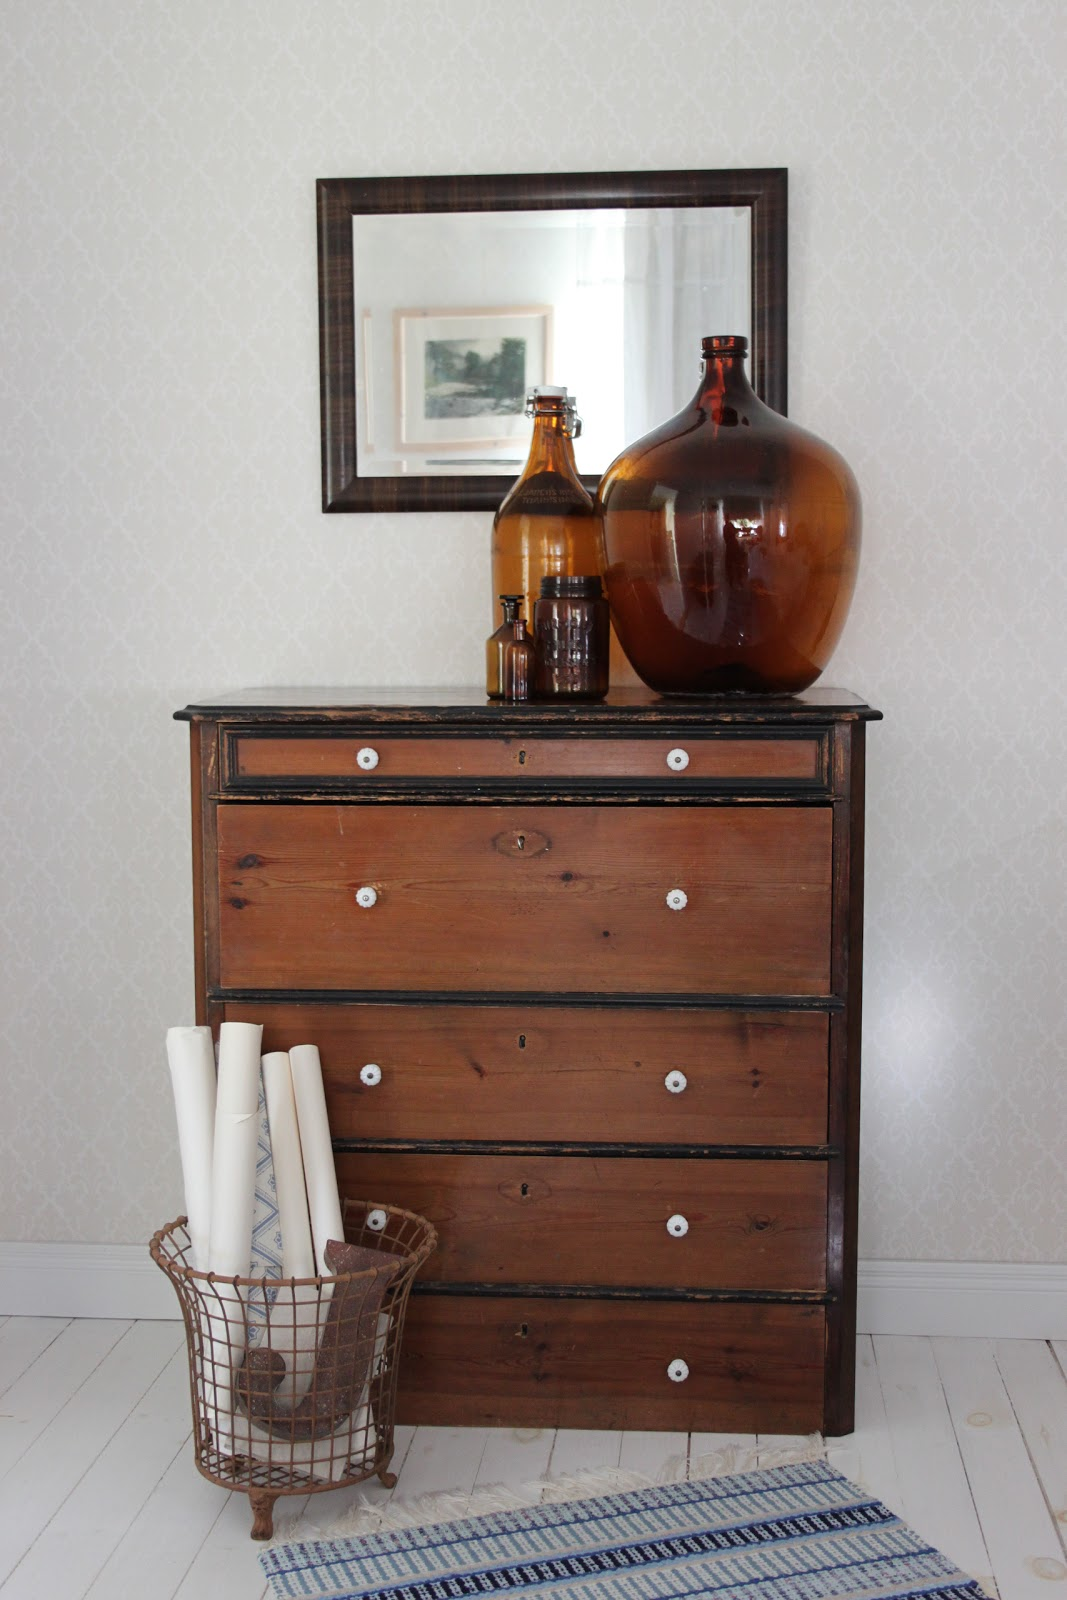 Add: design / anna stenberg / lantligt på svanängen: oktober 2012